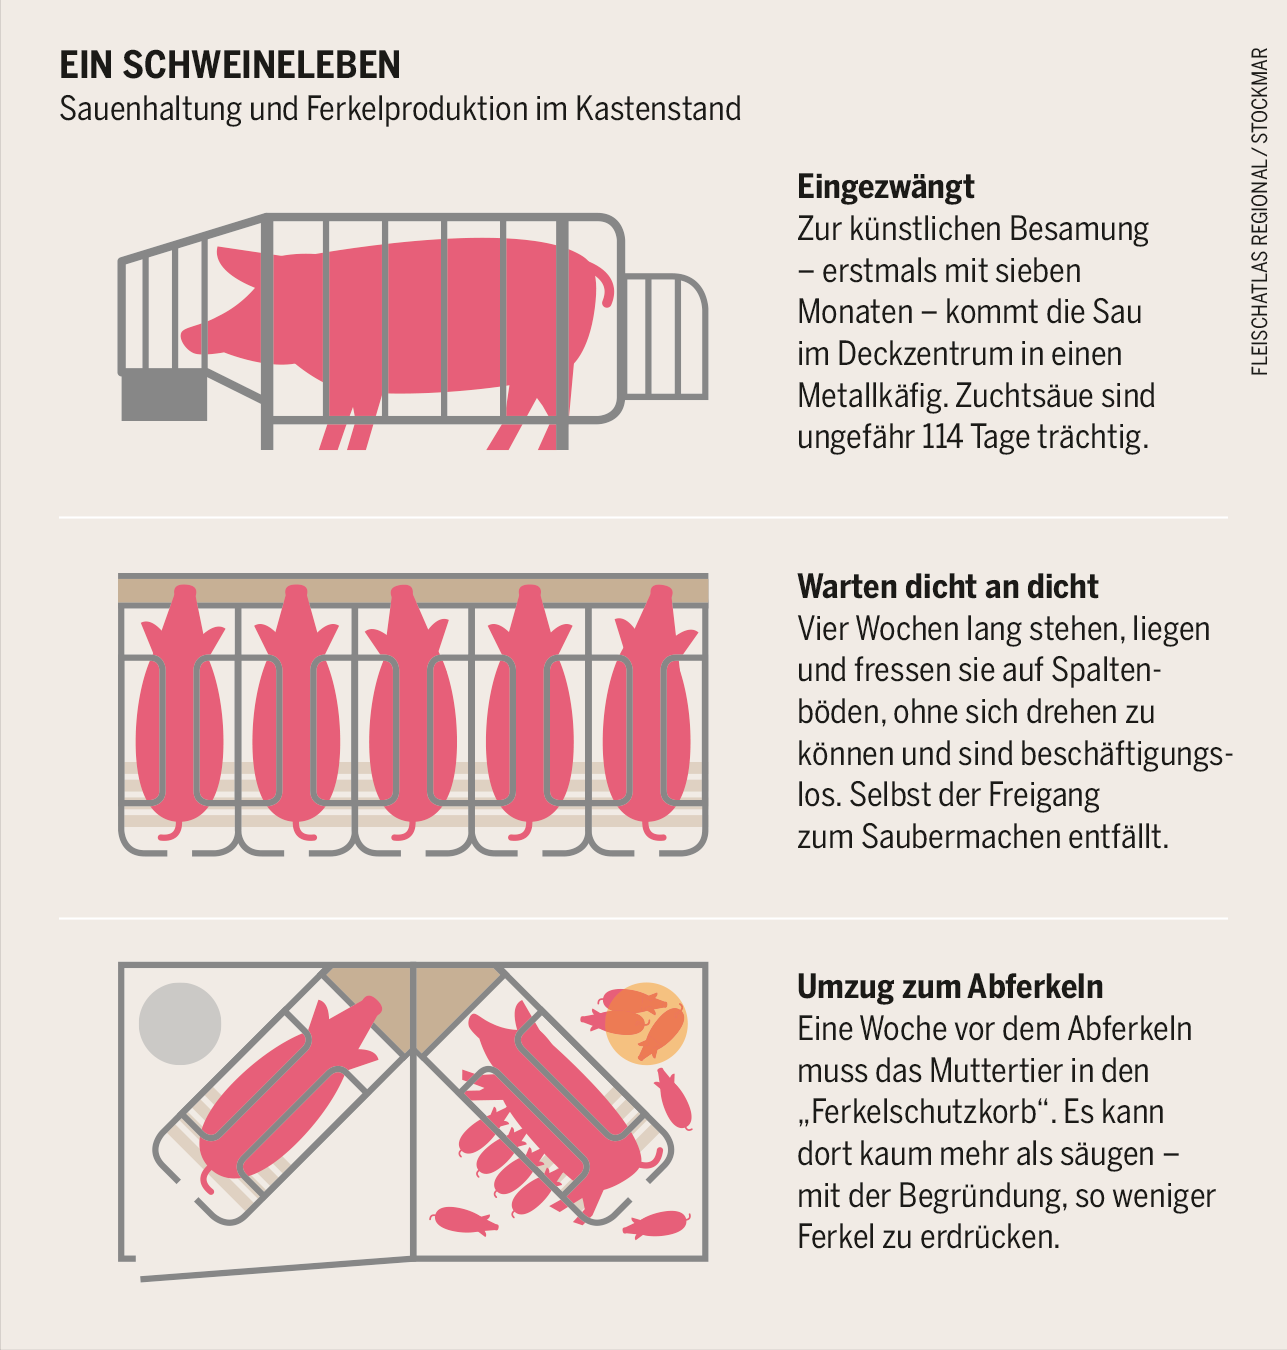 Ein Schweineleben Sauenhaltung Und Ferkelproduktion Im Kastenstand Tiere In Not Leben Massentierhaltung